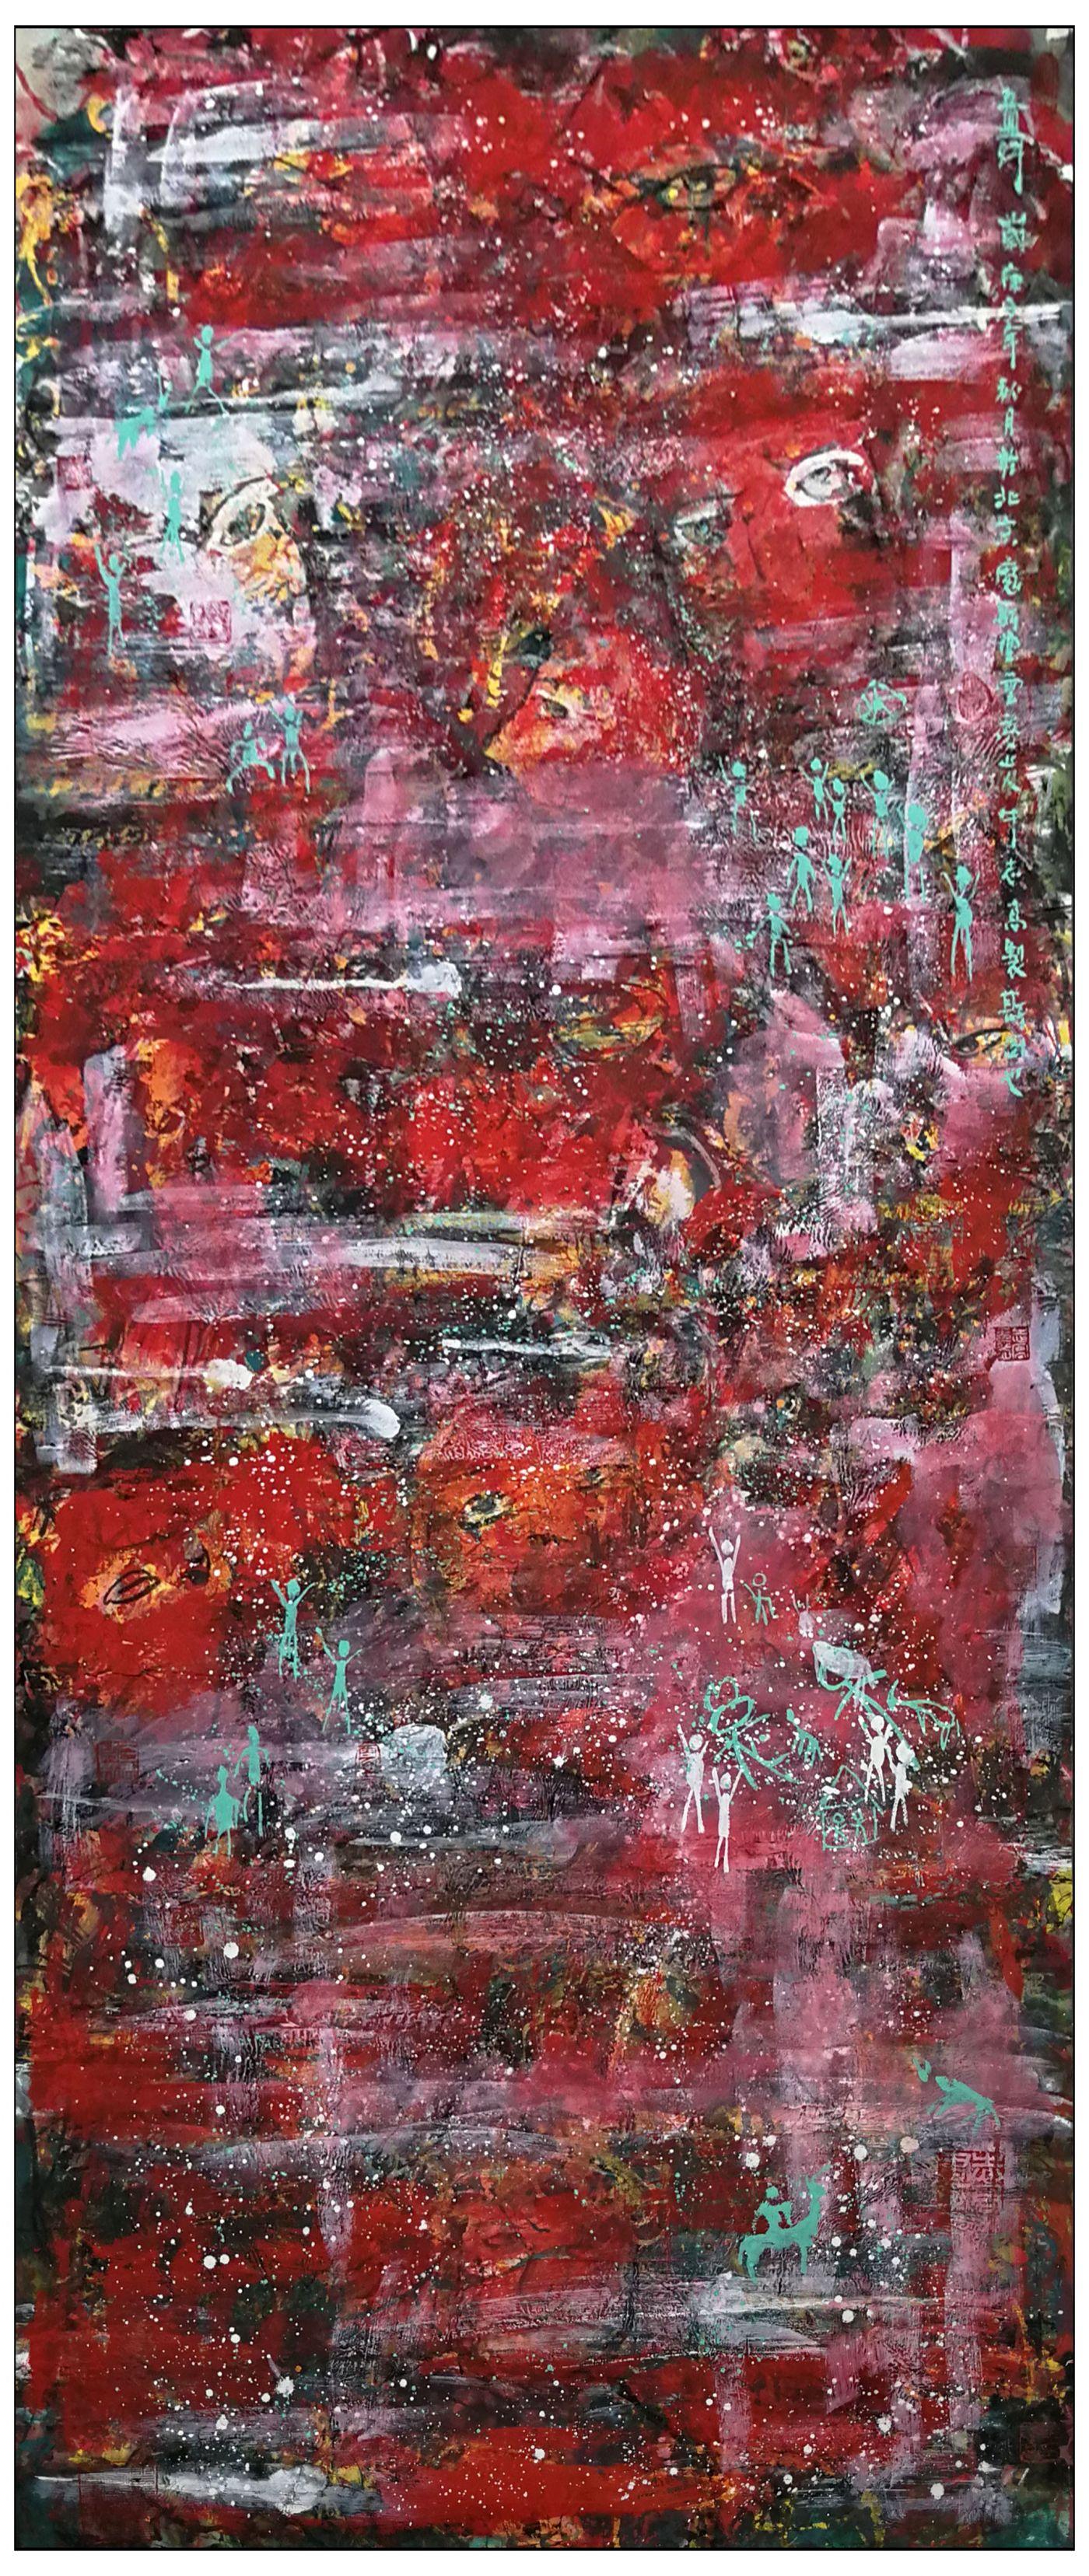 牛志高现代抽象画------2020.09.03_图1-1